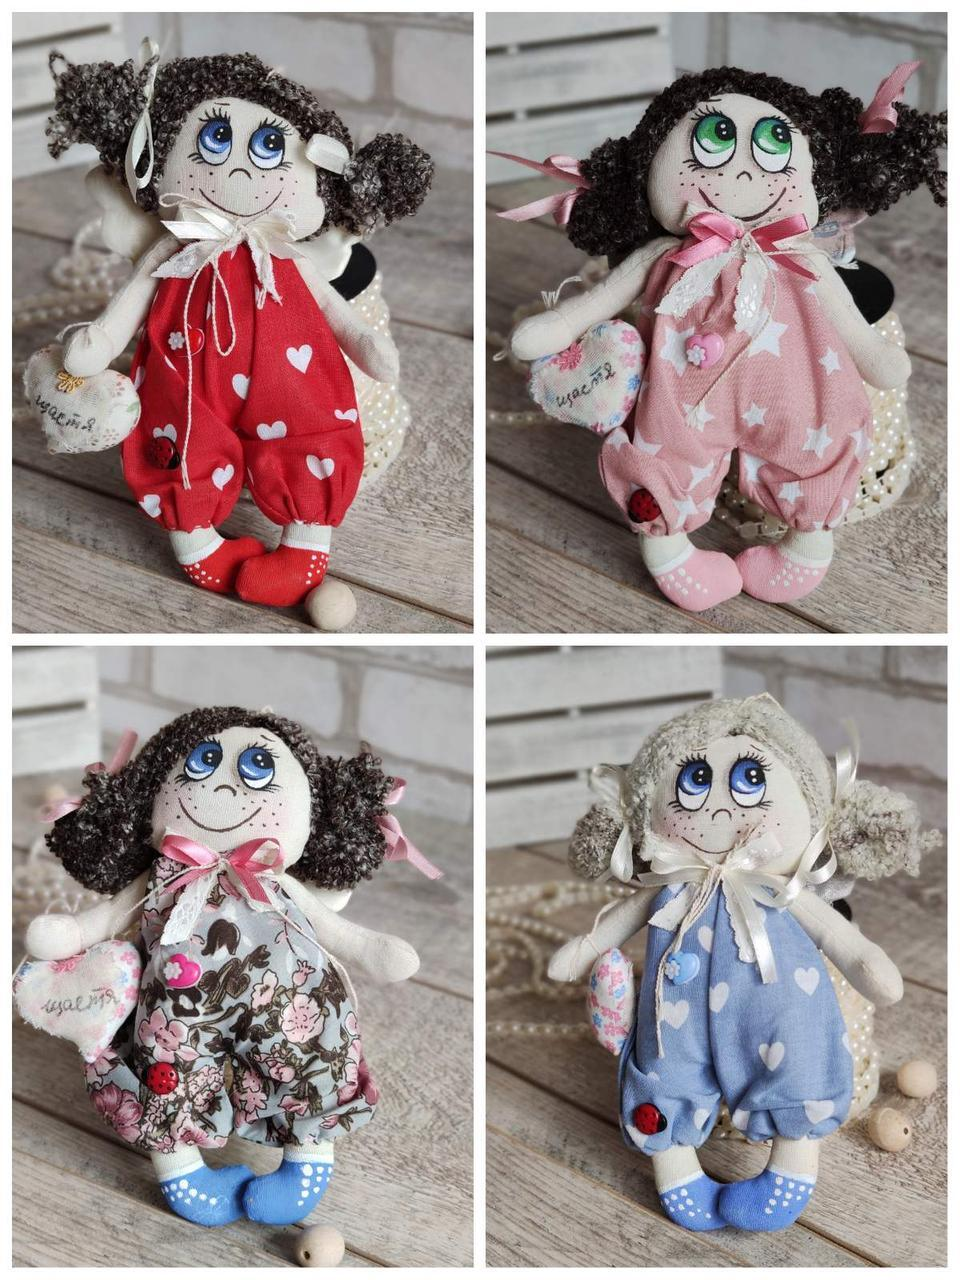 """Лялька """"Дівчинка-ангел"""" із сердечком з побажаннями, текстильна, 22см., 180/150 (цена за 1 шт.+30гр.)"""